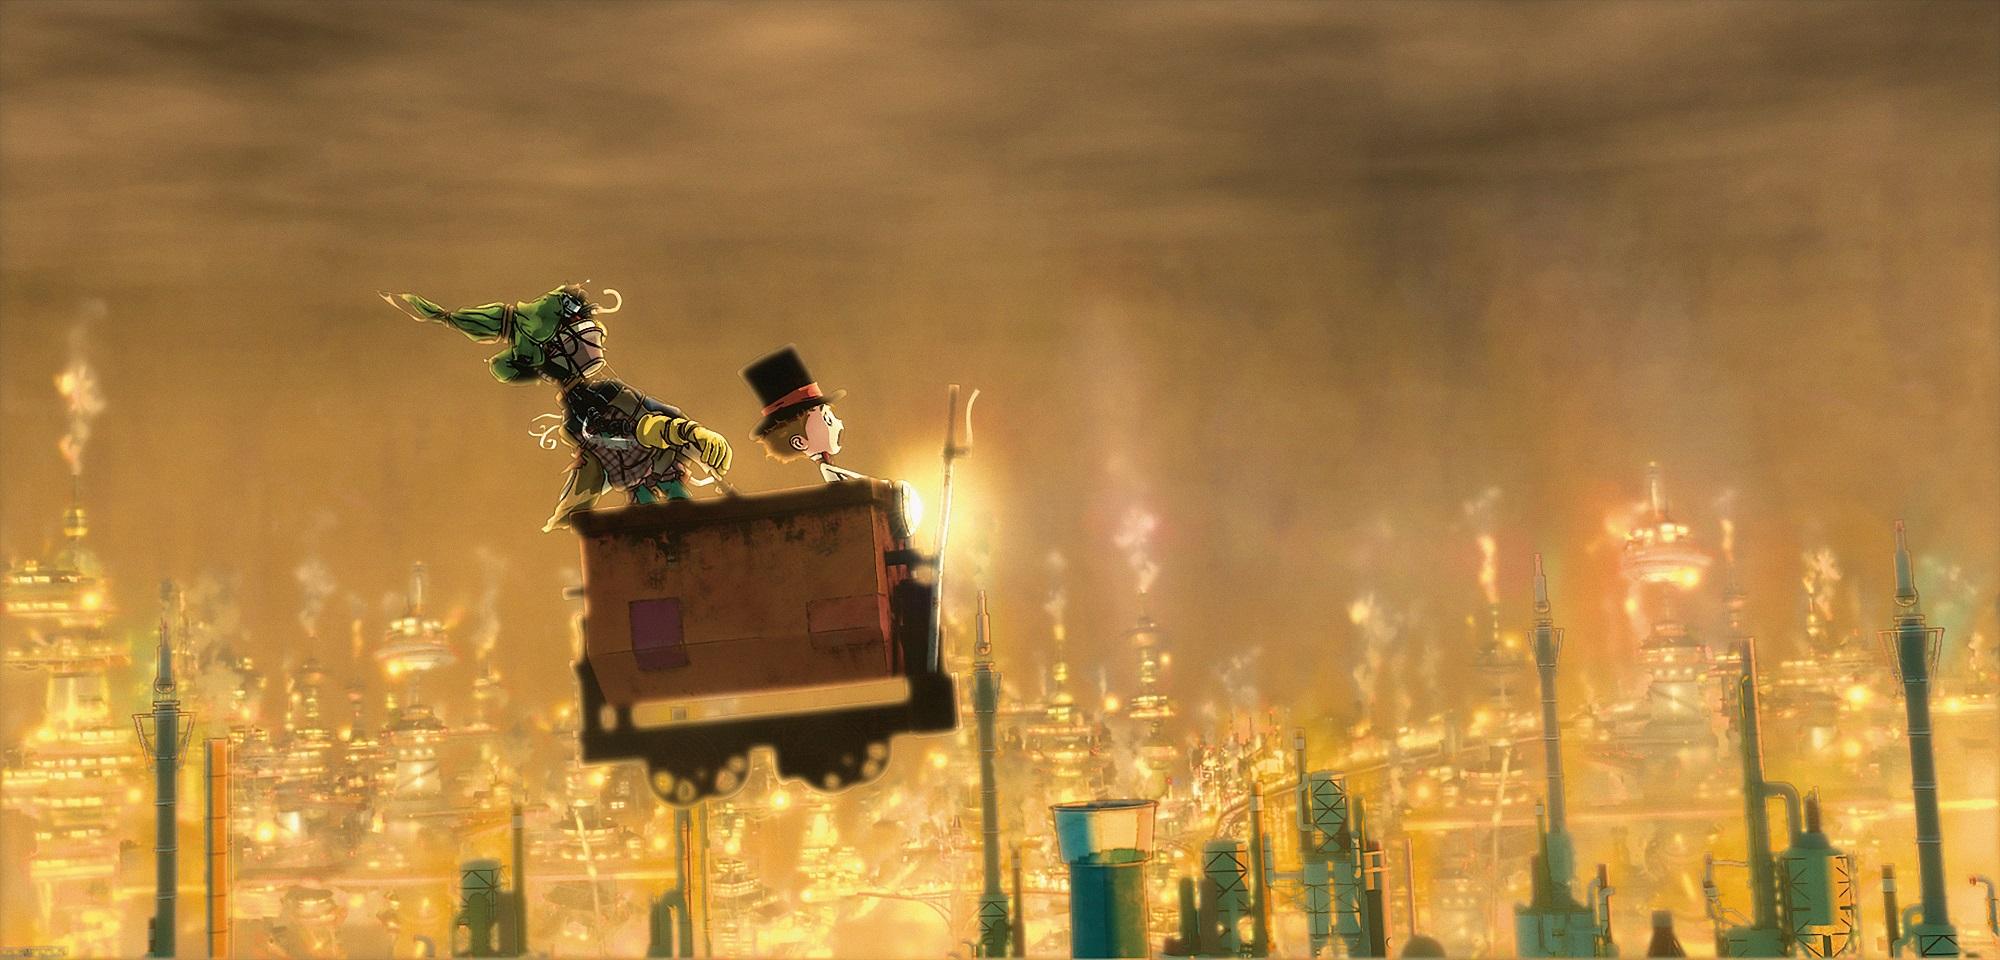 映画「えんとつ町のプペル」観客動員100万人を突破!大ヒットを記念した特別映像が解禁